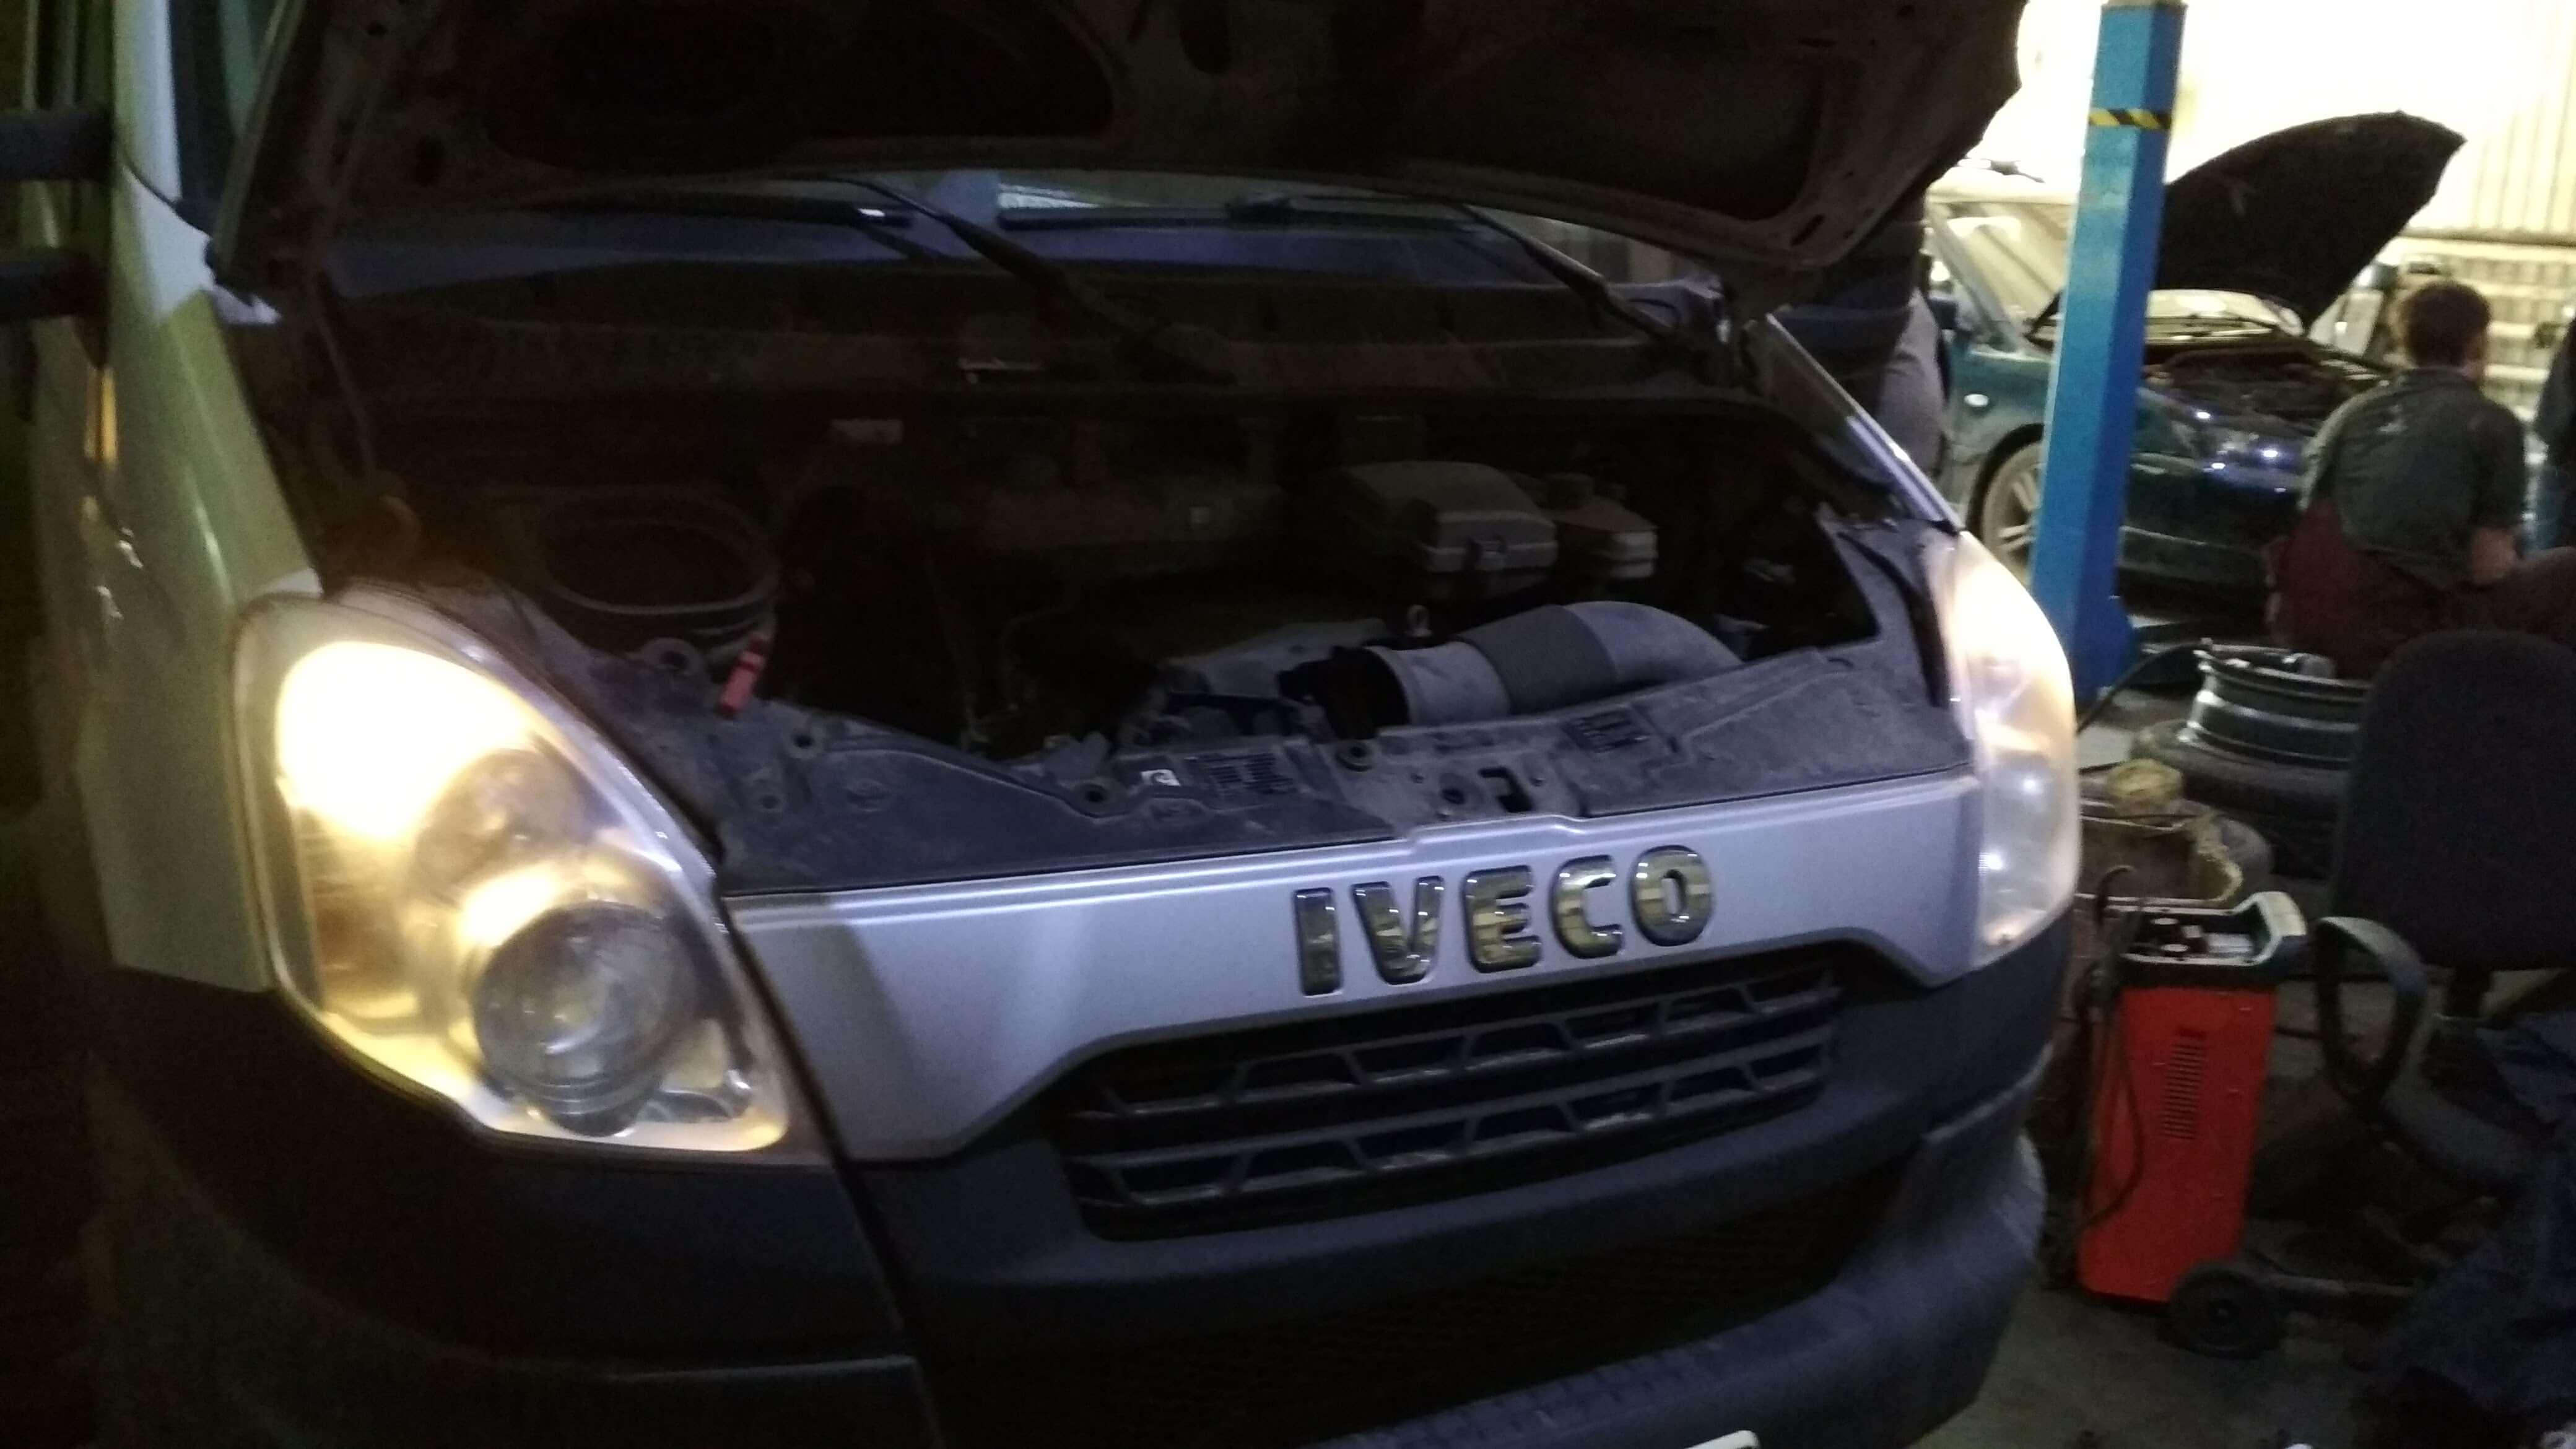 Чип тюнинг Iveco Daily отключение ЕГР и ограничителя скорости